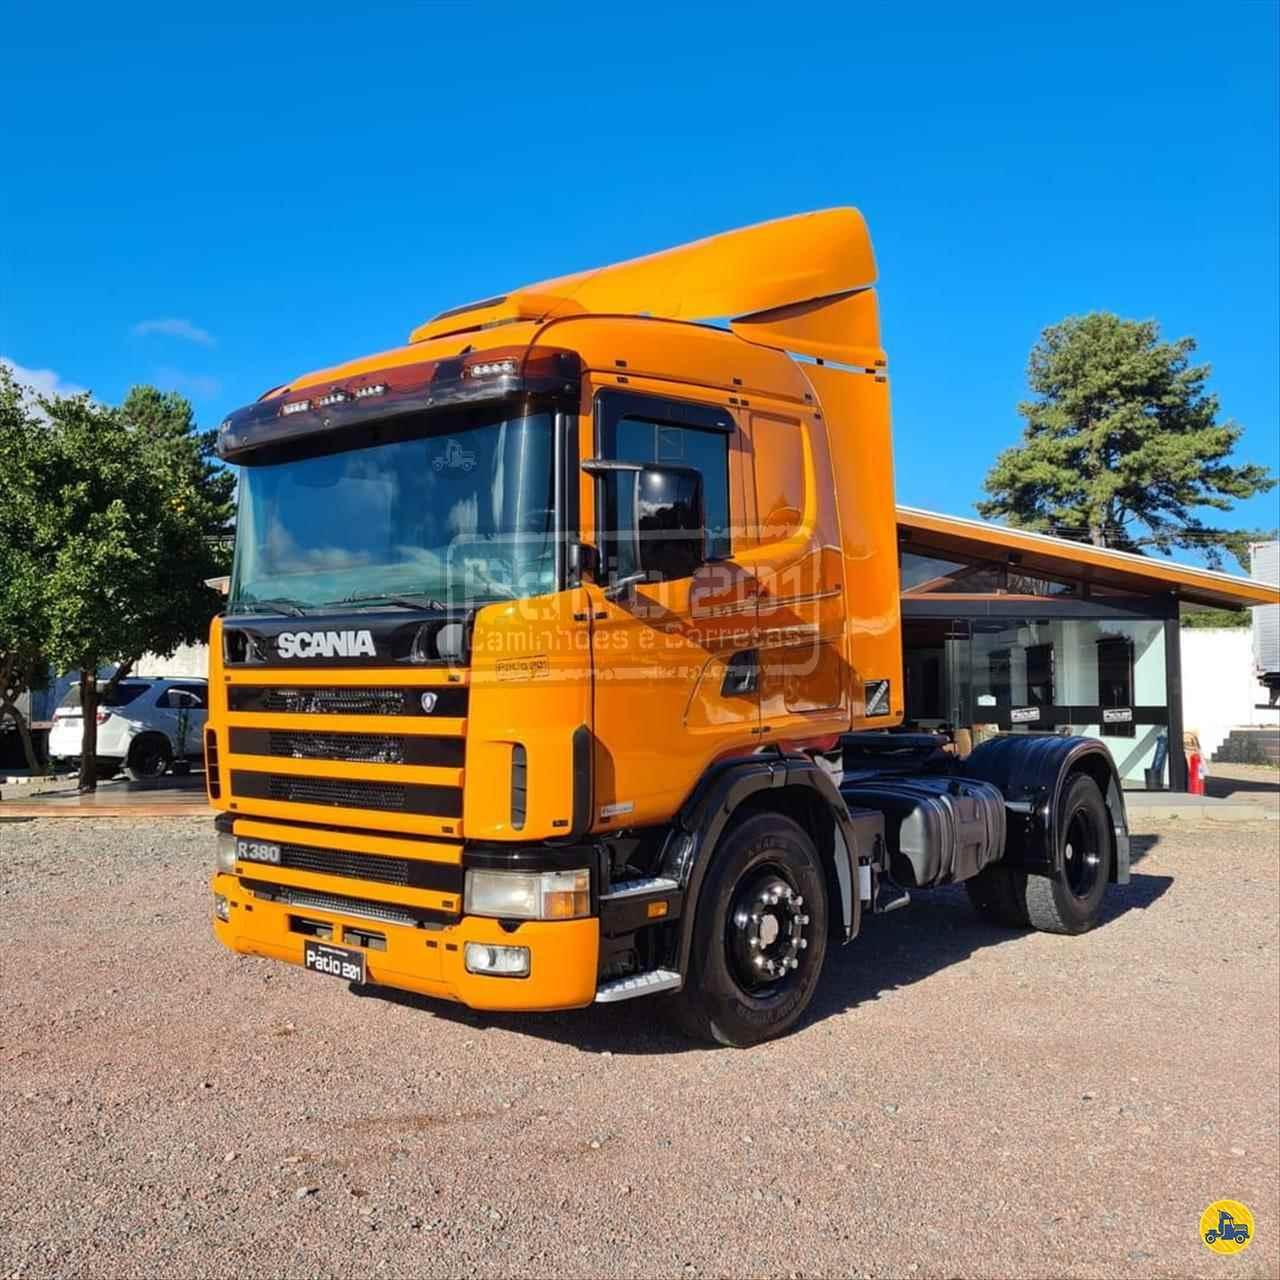 CAMINHAO SCANIA SCANIA 114 380 Cavalo Mecânico Toco 4x2 Pátio 201 Caminhões e Carretas CURITIBA PARANÁ PR